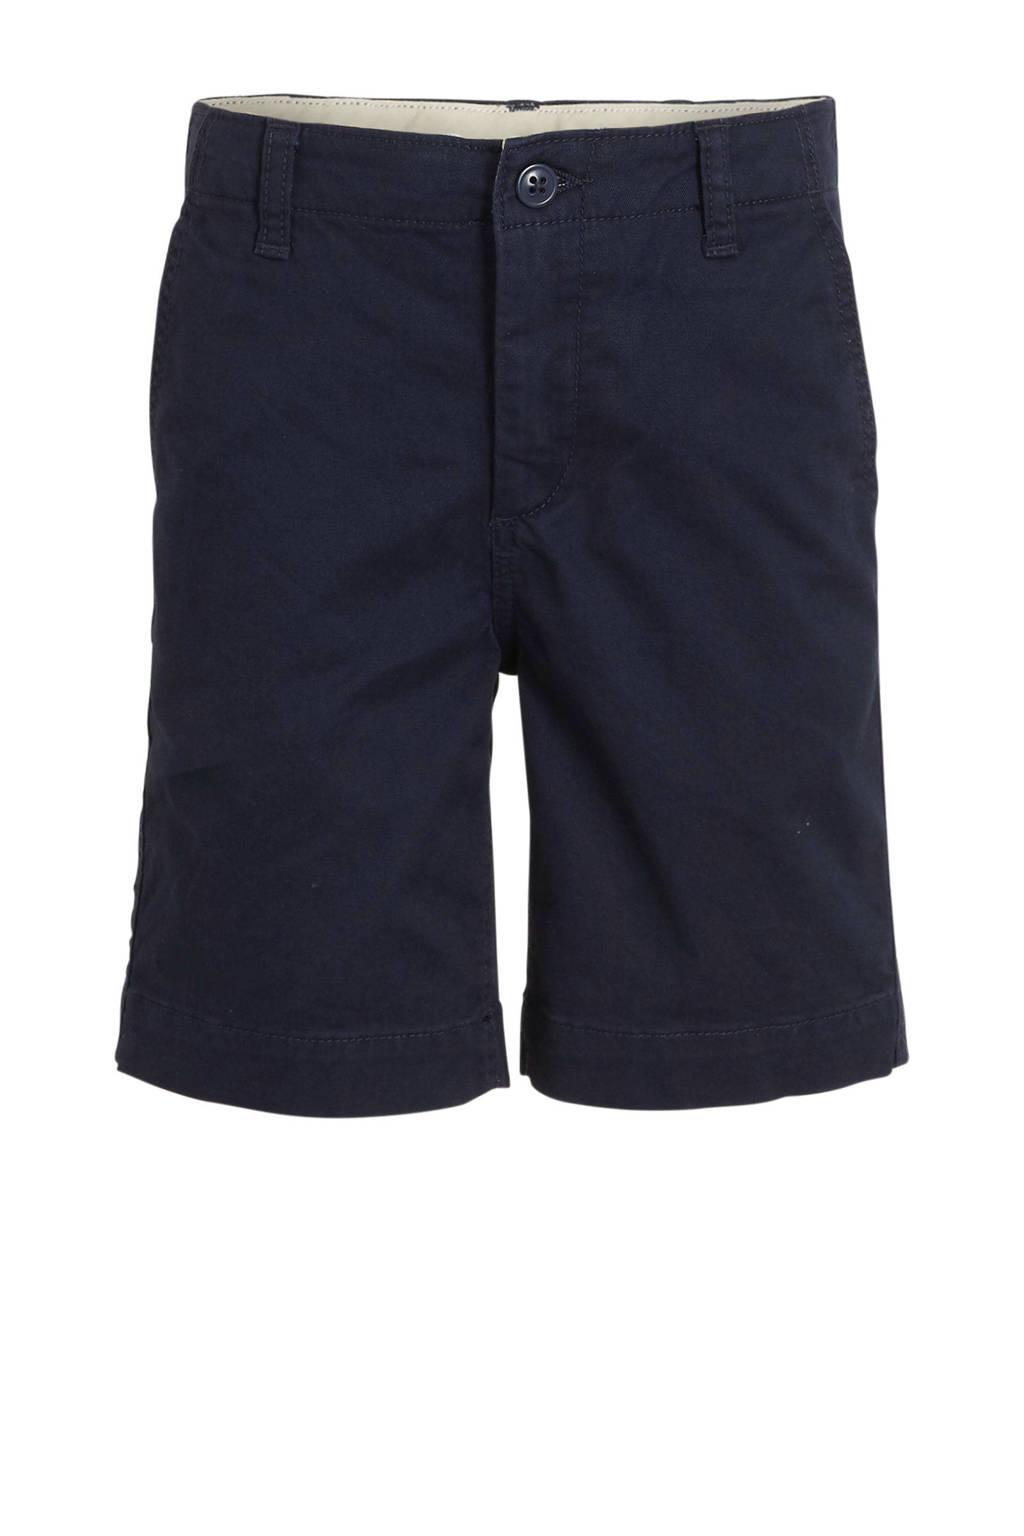 GAP short donkerblauw, Donkerblauw